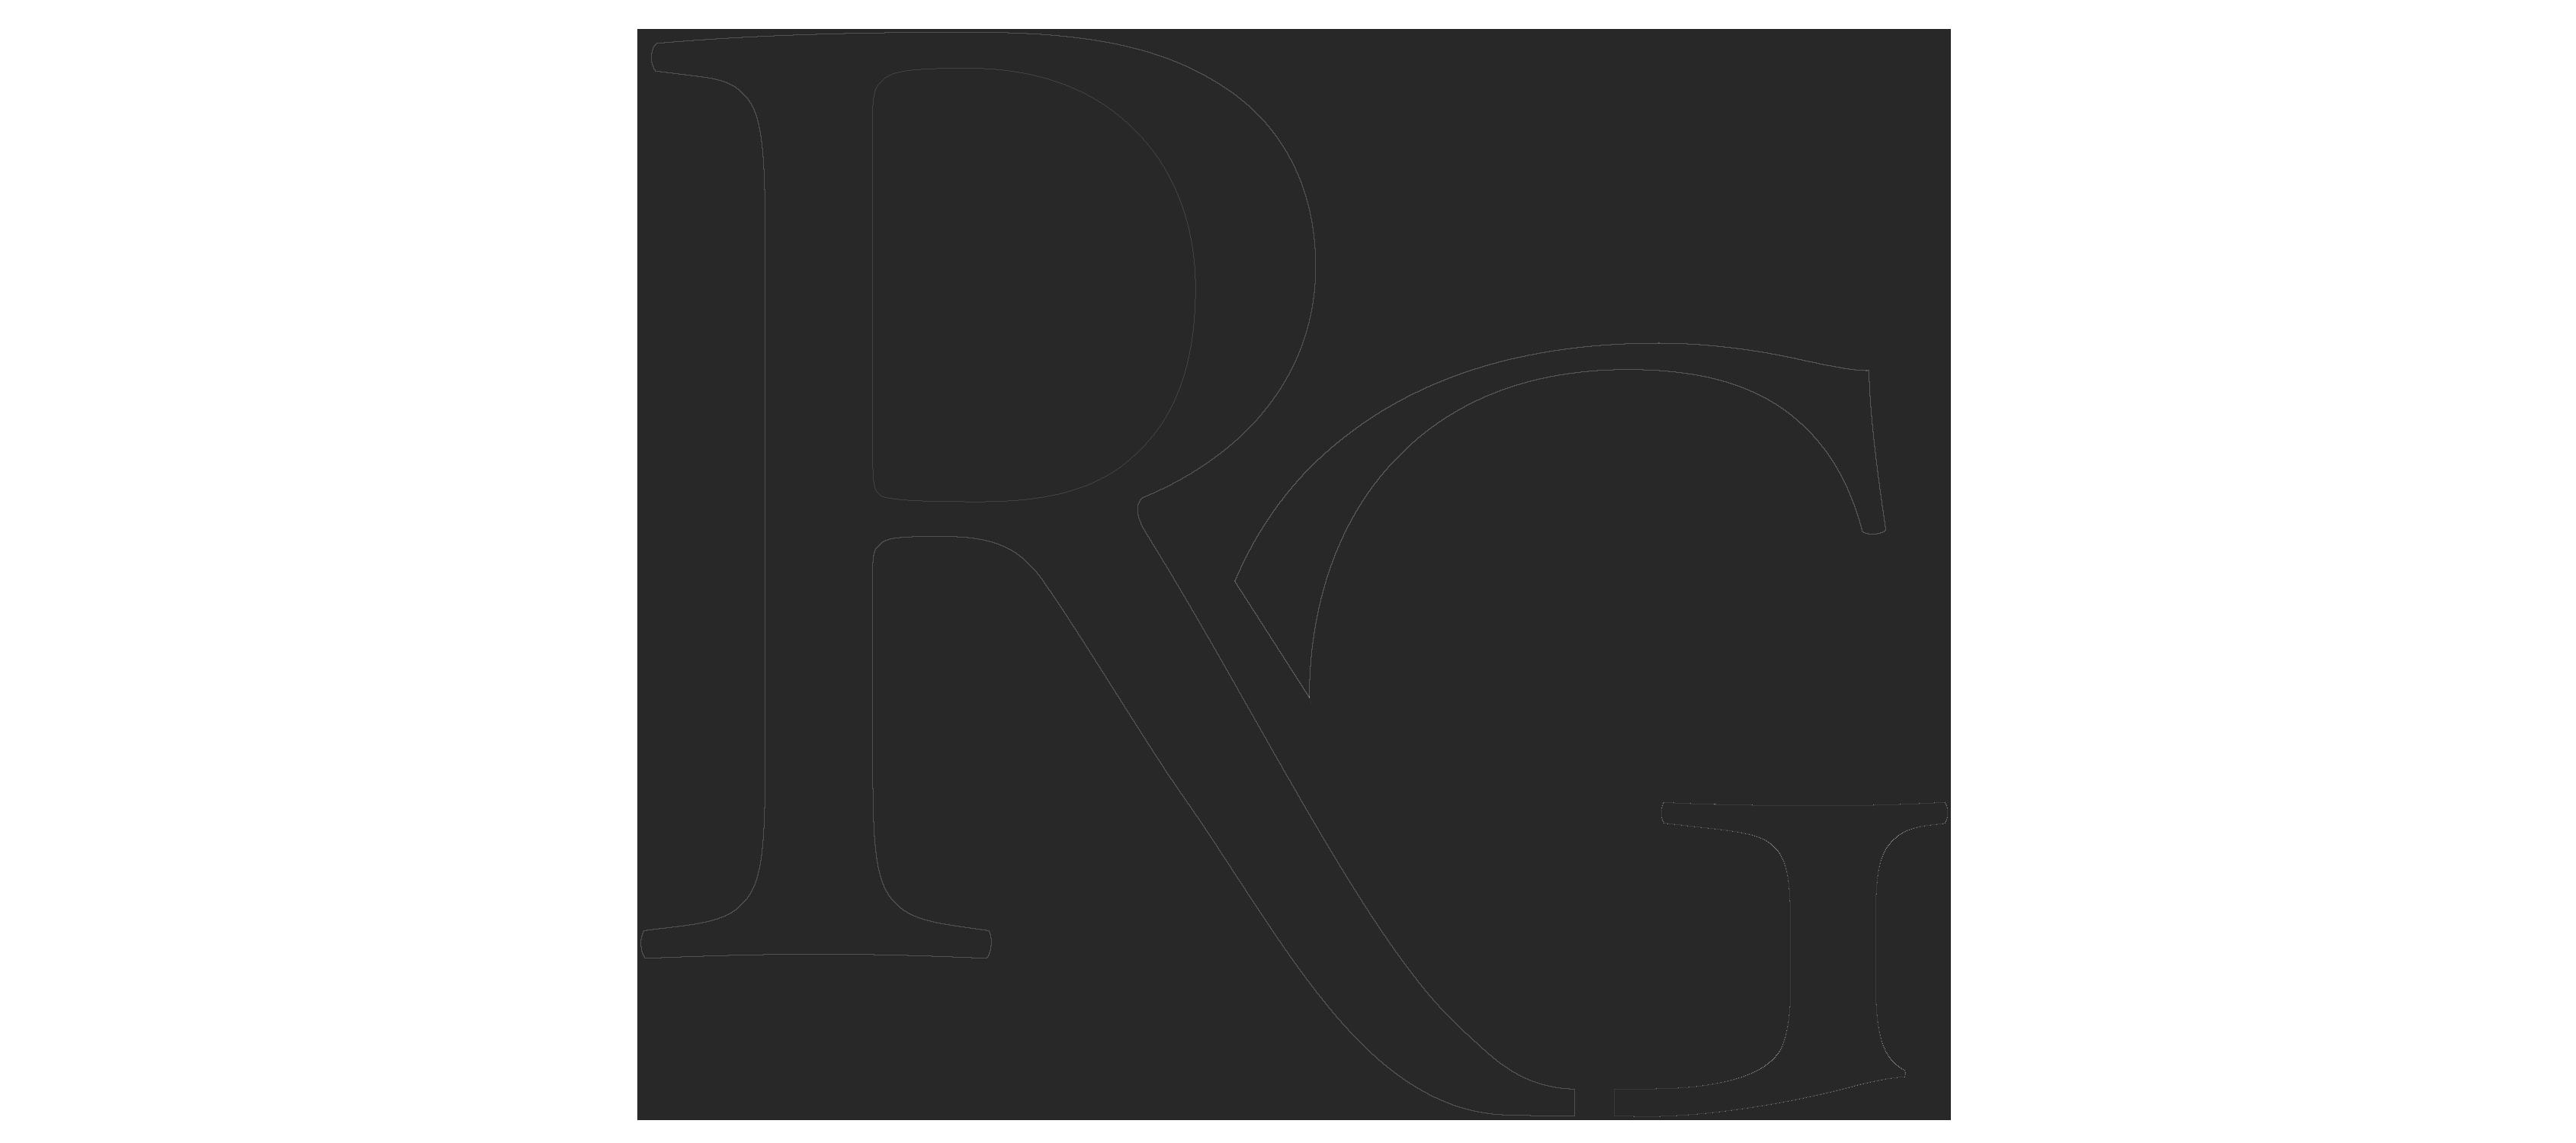 rg logo png 10 free Cliparts.